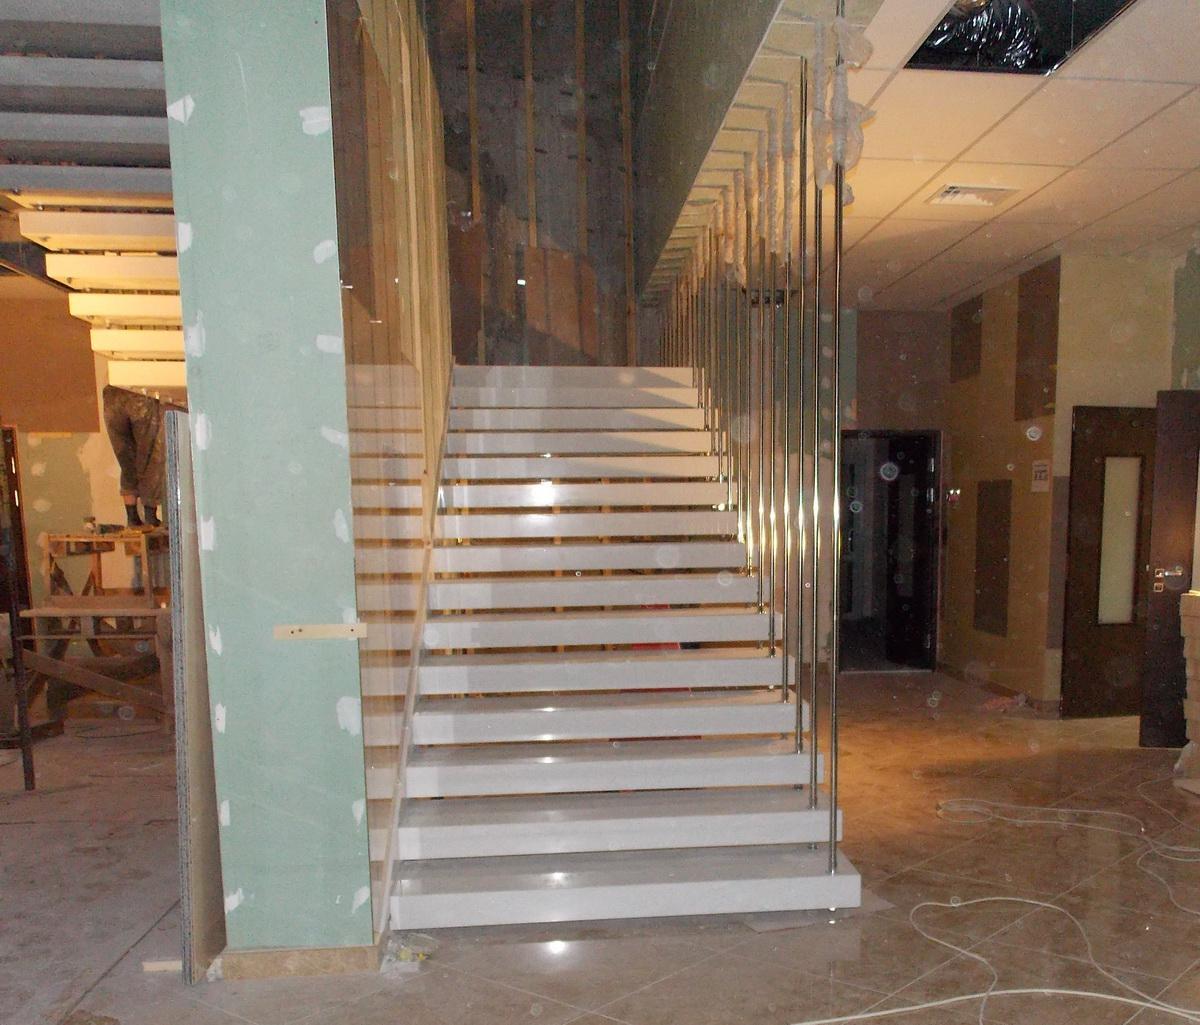 На фото видны два лестничных пролета, ступени которых выполнены из кварцита